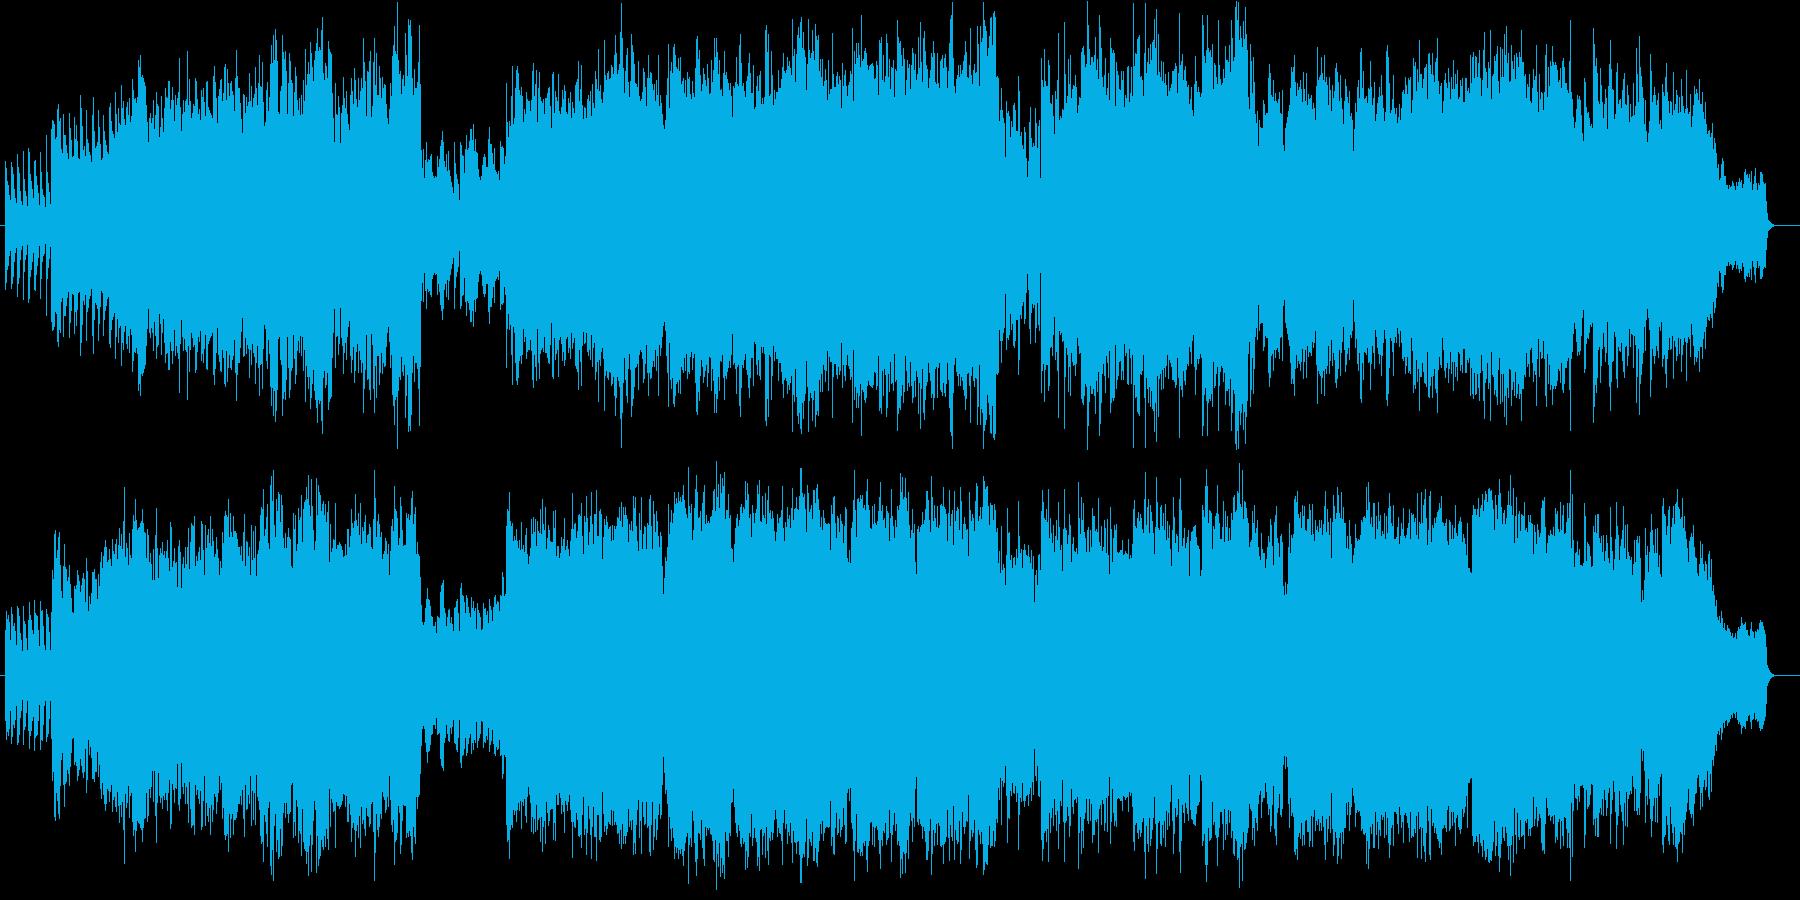 穏やかなエンディングオーケストラの再生済みの波形